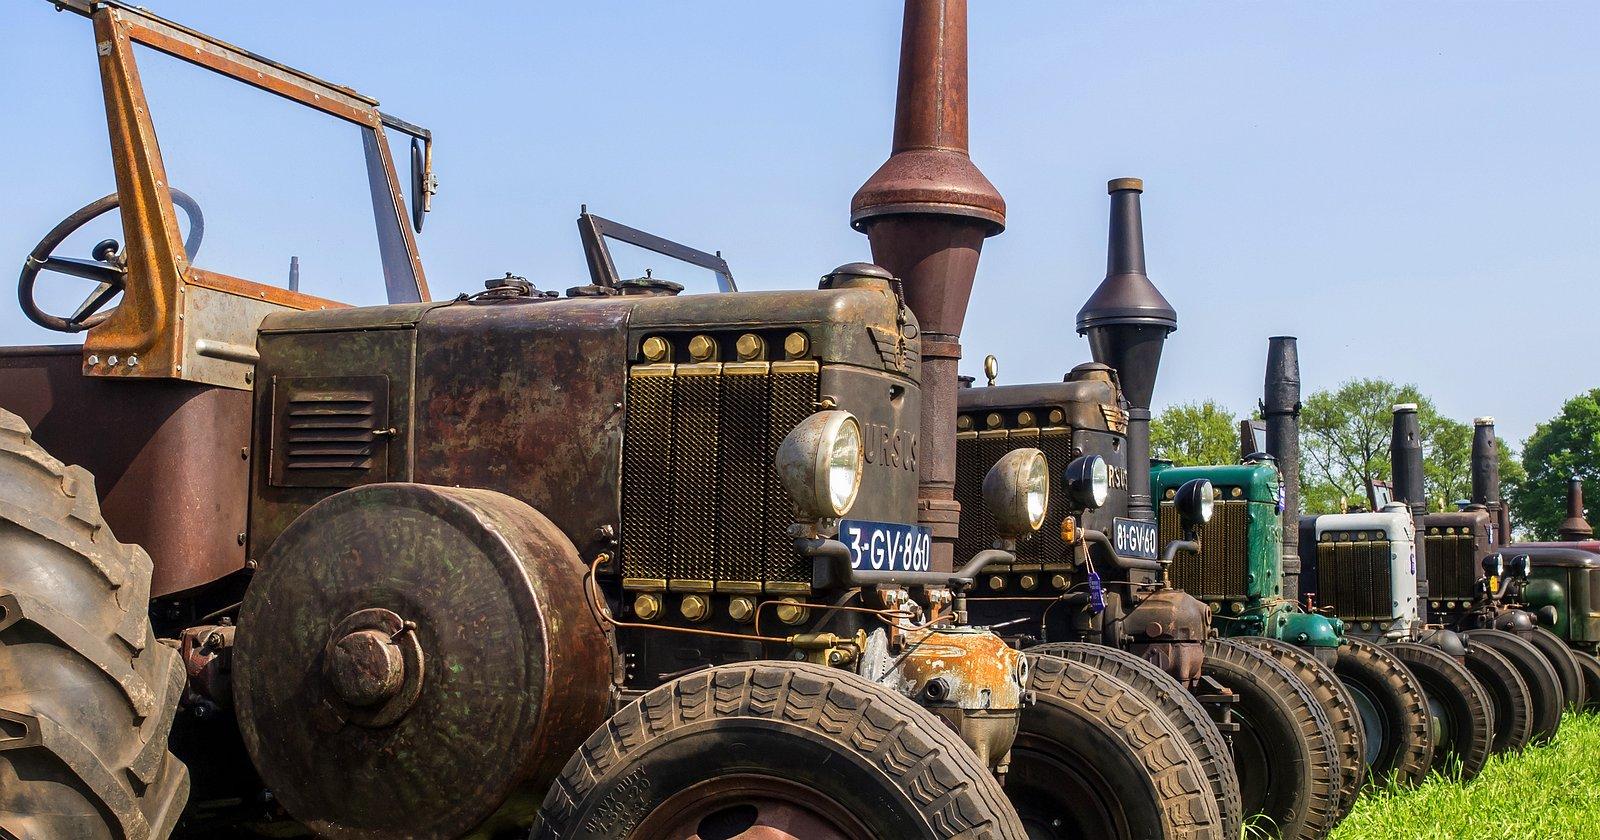 Foto: Henri Smits - Fehamec kan u adviseren bij de invoering van het nieuwe Kenteken voor landbouwvoertuigen